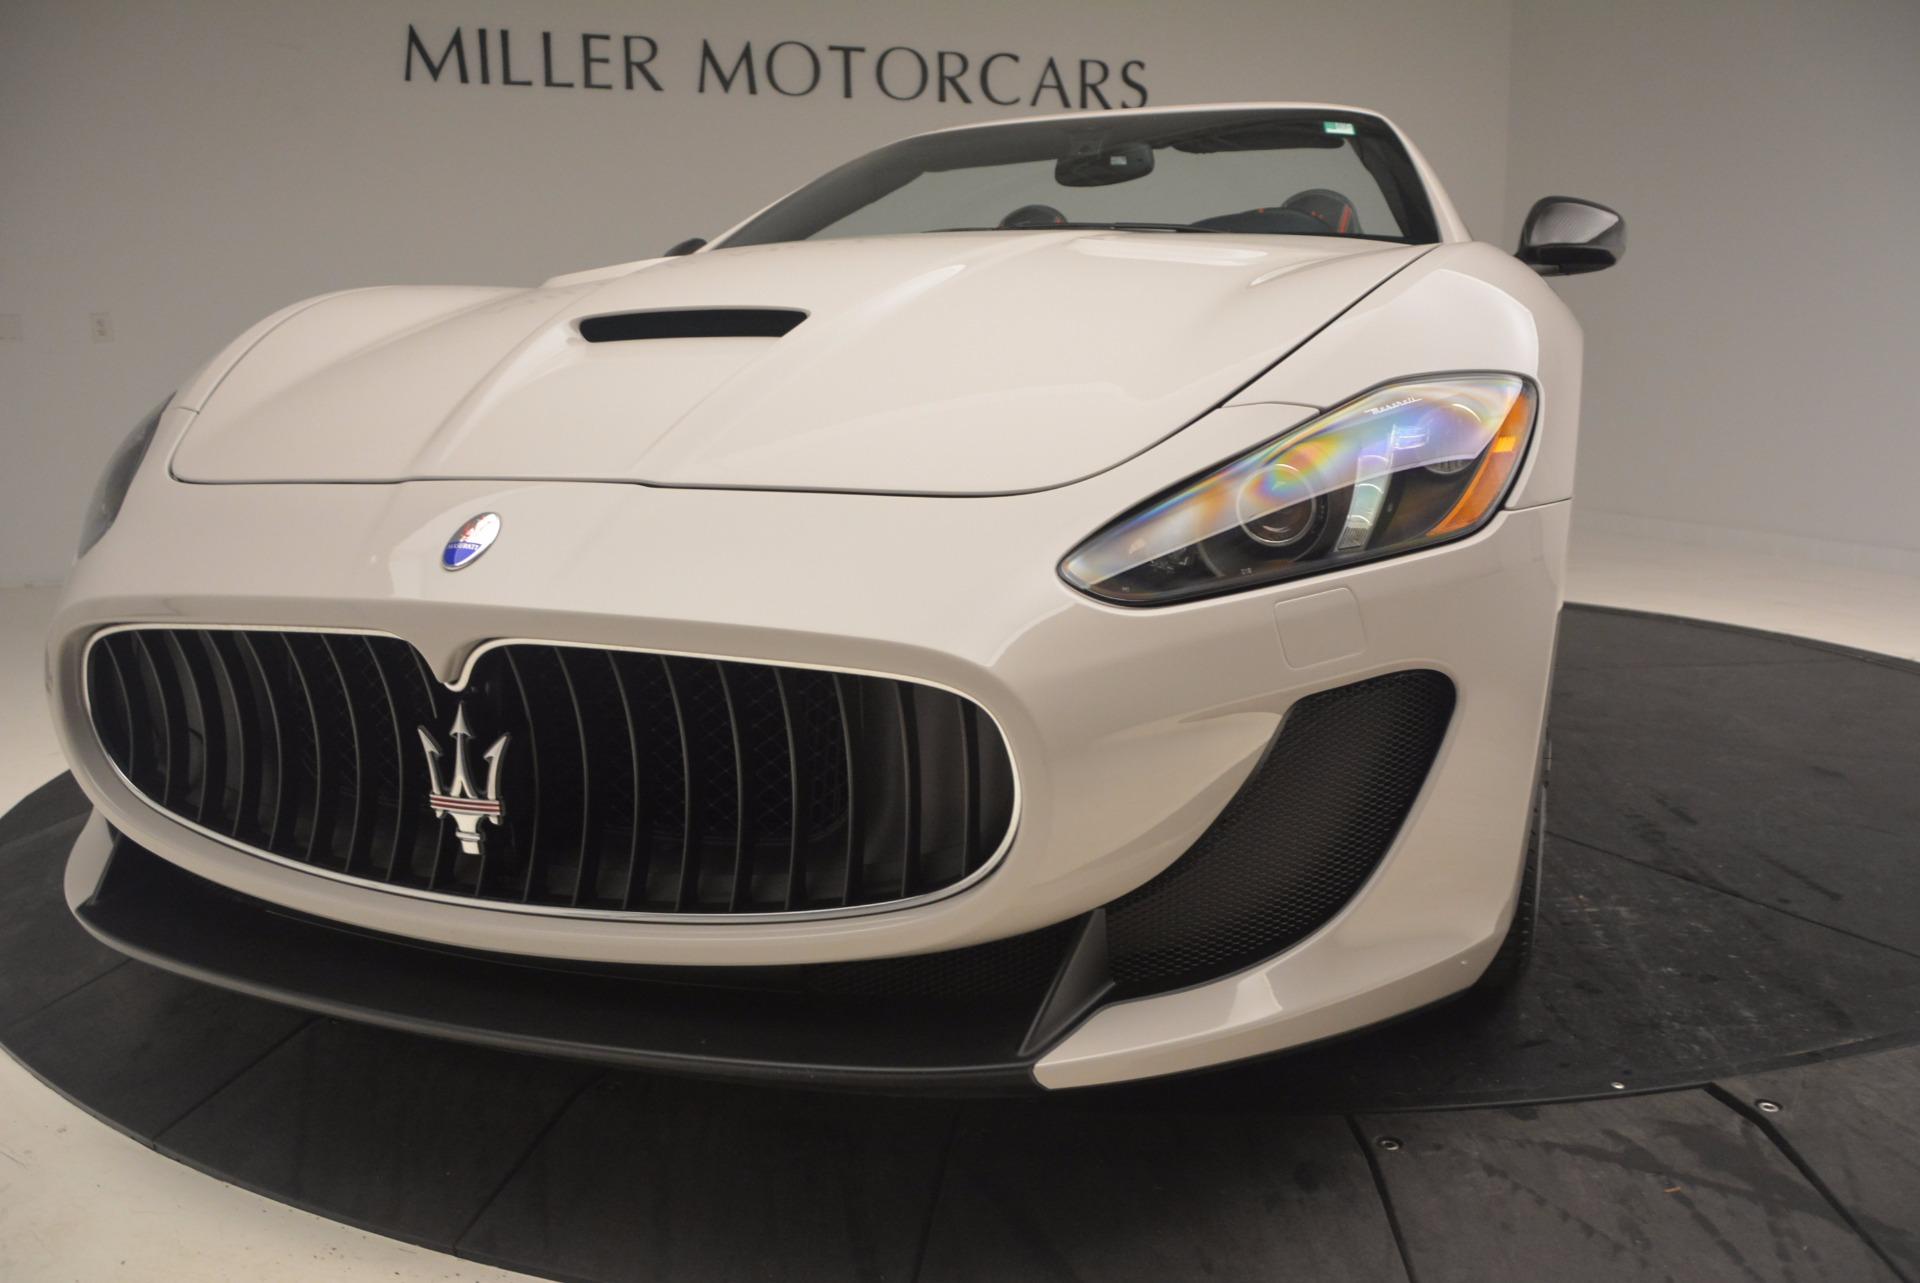 Used 2015 Maserati GranTurismo MC Centennial For Sale In Greenwich, CT 1107_p25